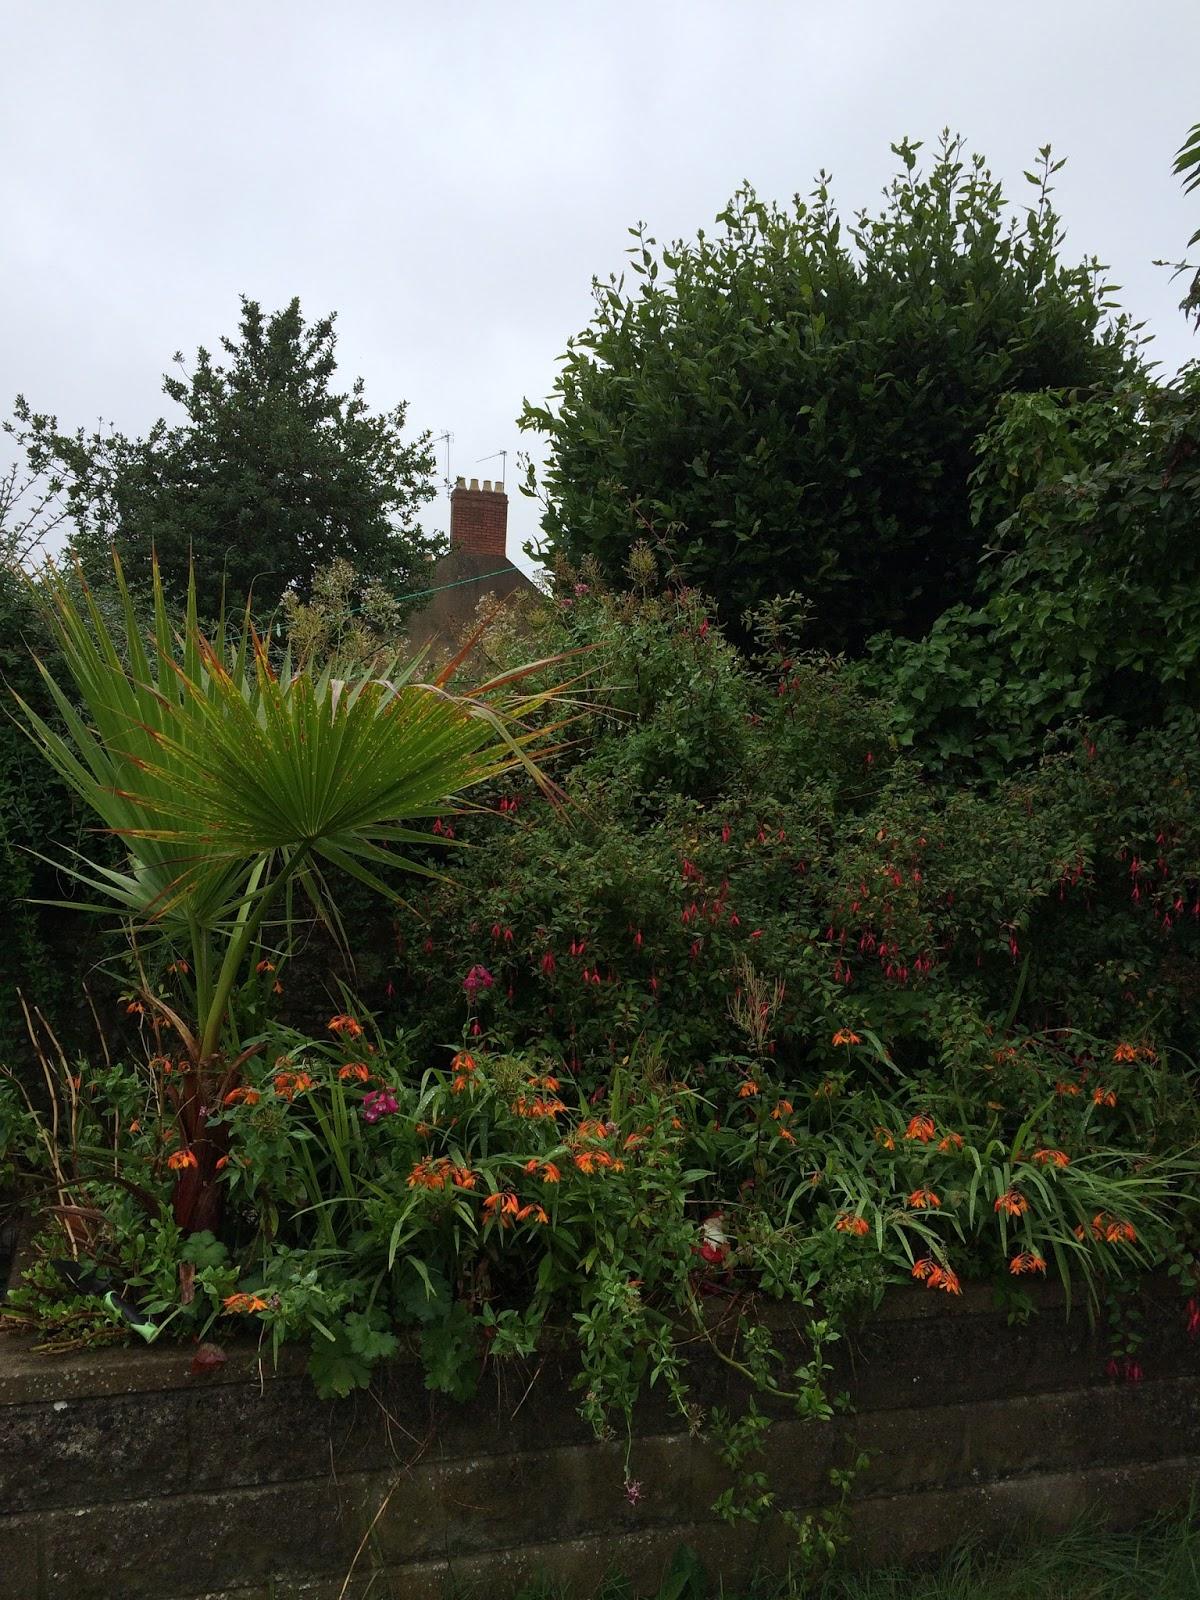 garden clean up - the Hobbis family back garden